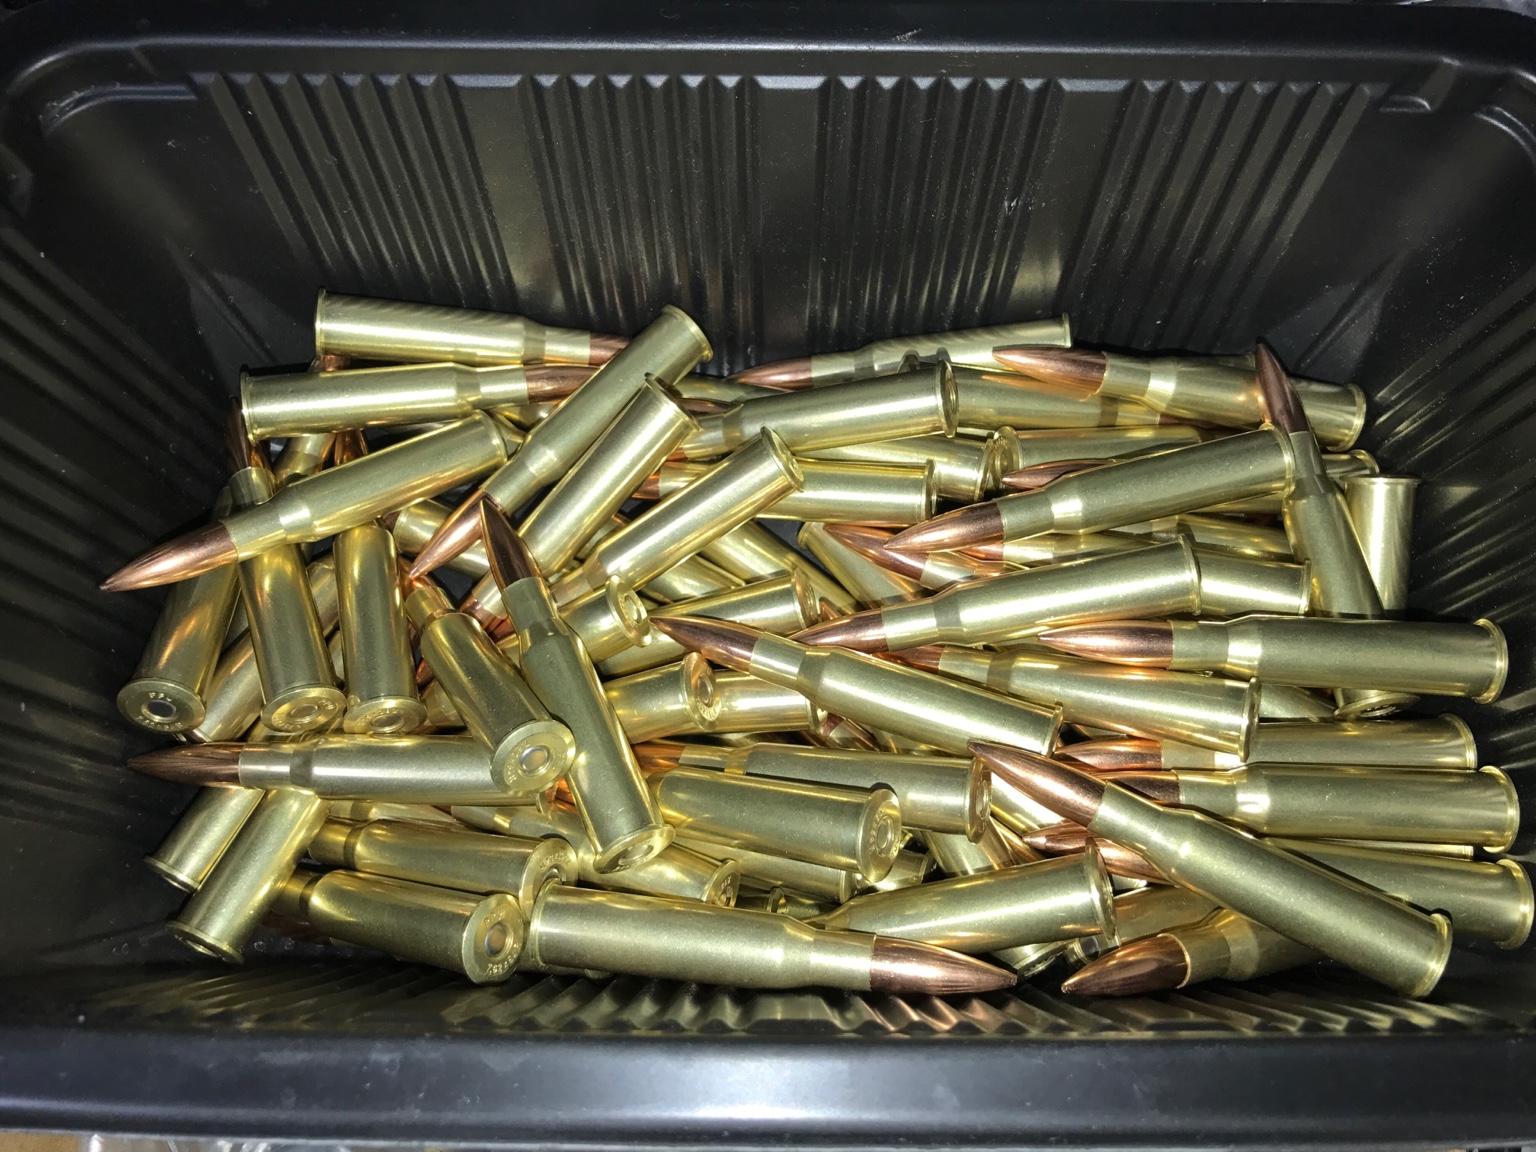 Loading 7 62x54R with 174gr HPBT    - Calguns net